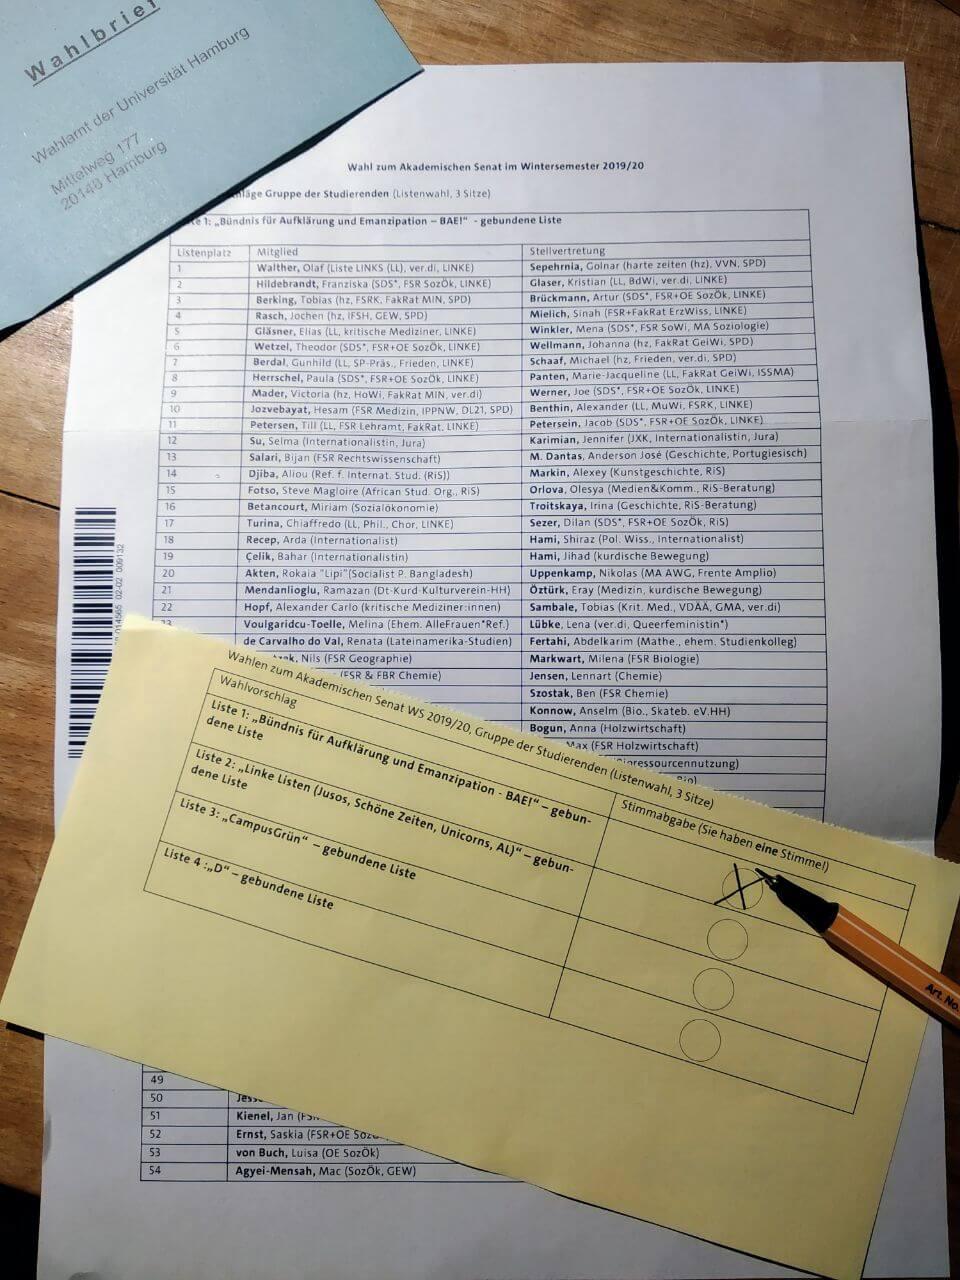 Aufruf zur Wahl des Akademischen Senats: Liste 1 – BAE!